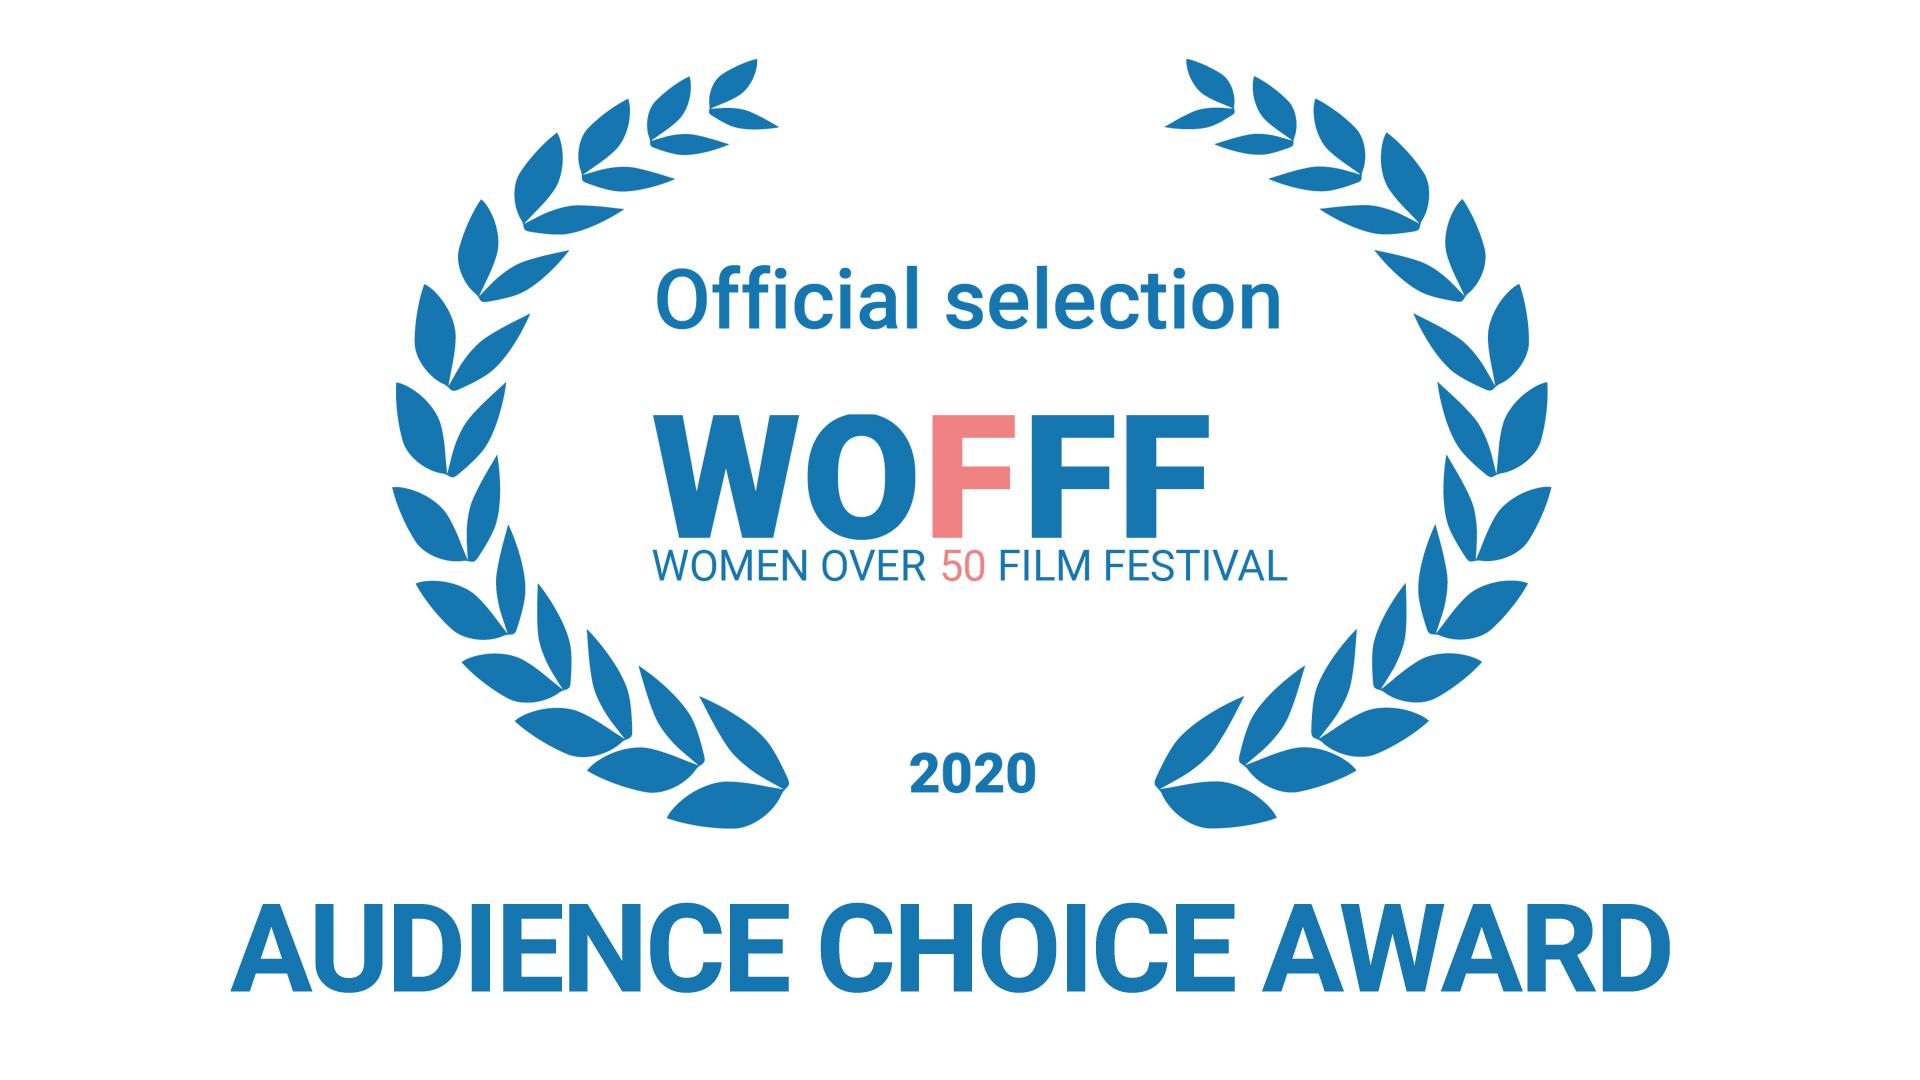 Audience Choice Award